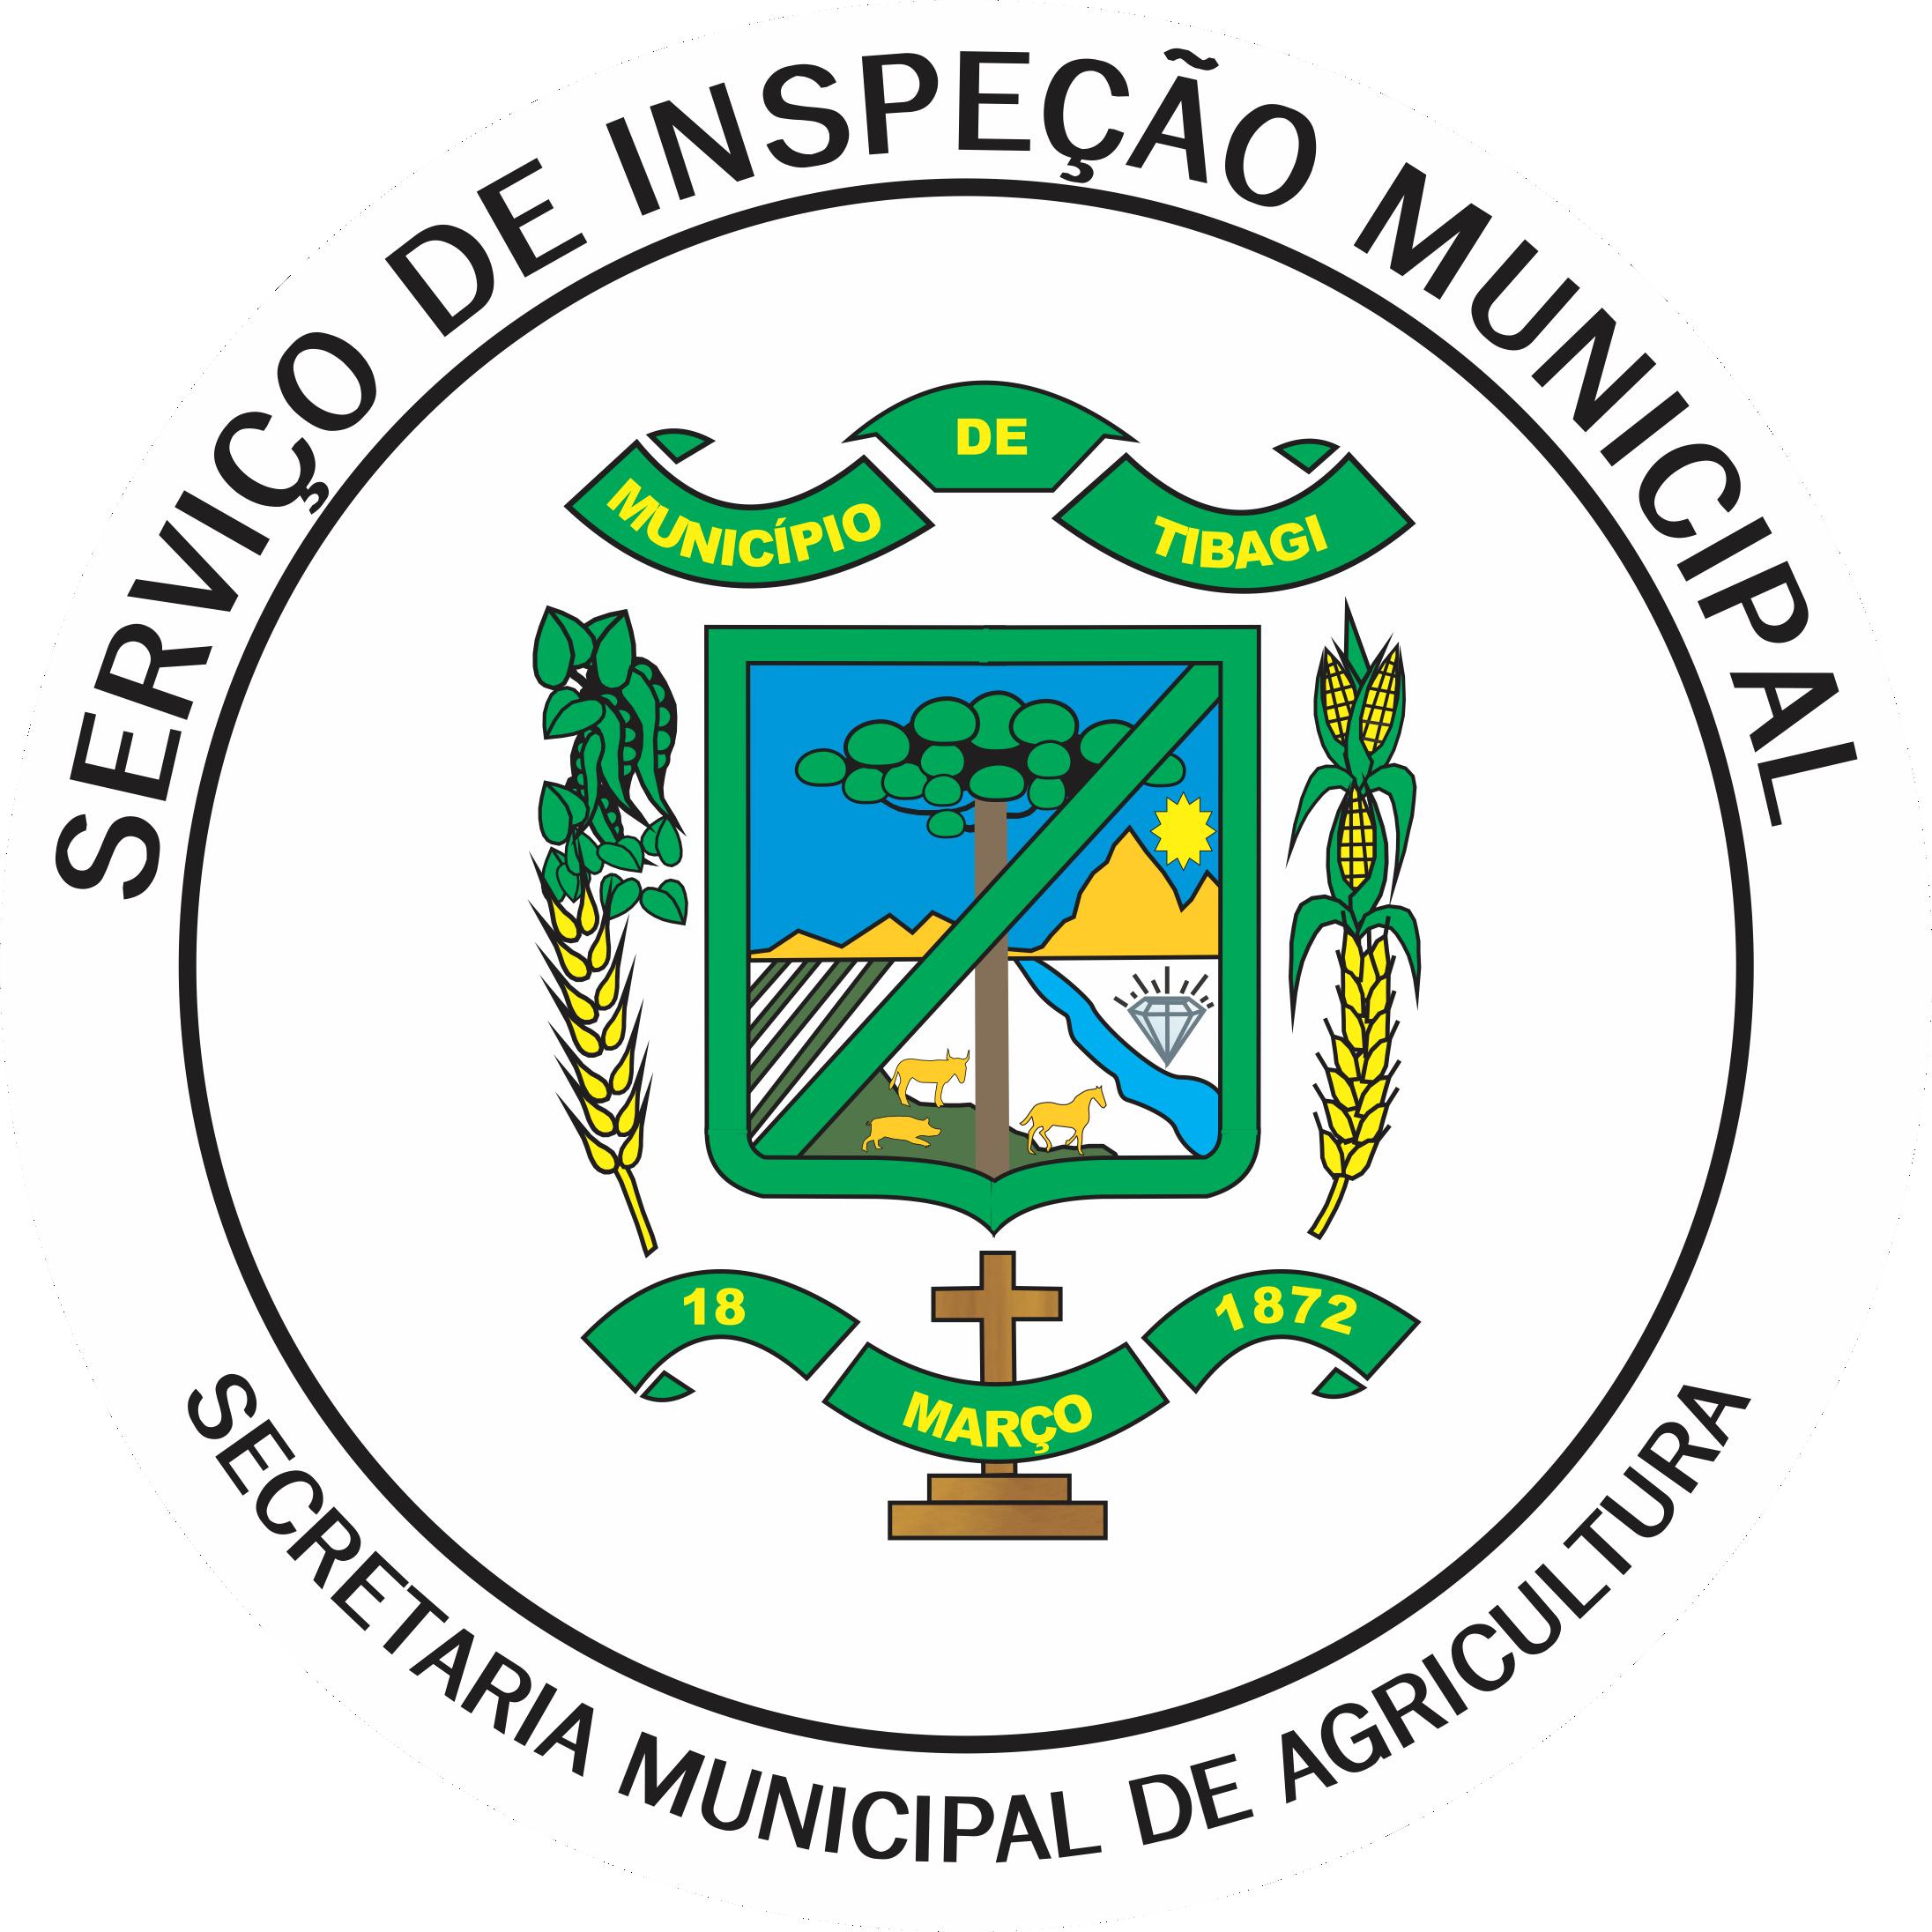 Serviço de inspeção municipal (SIM)